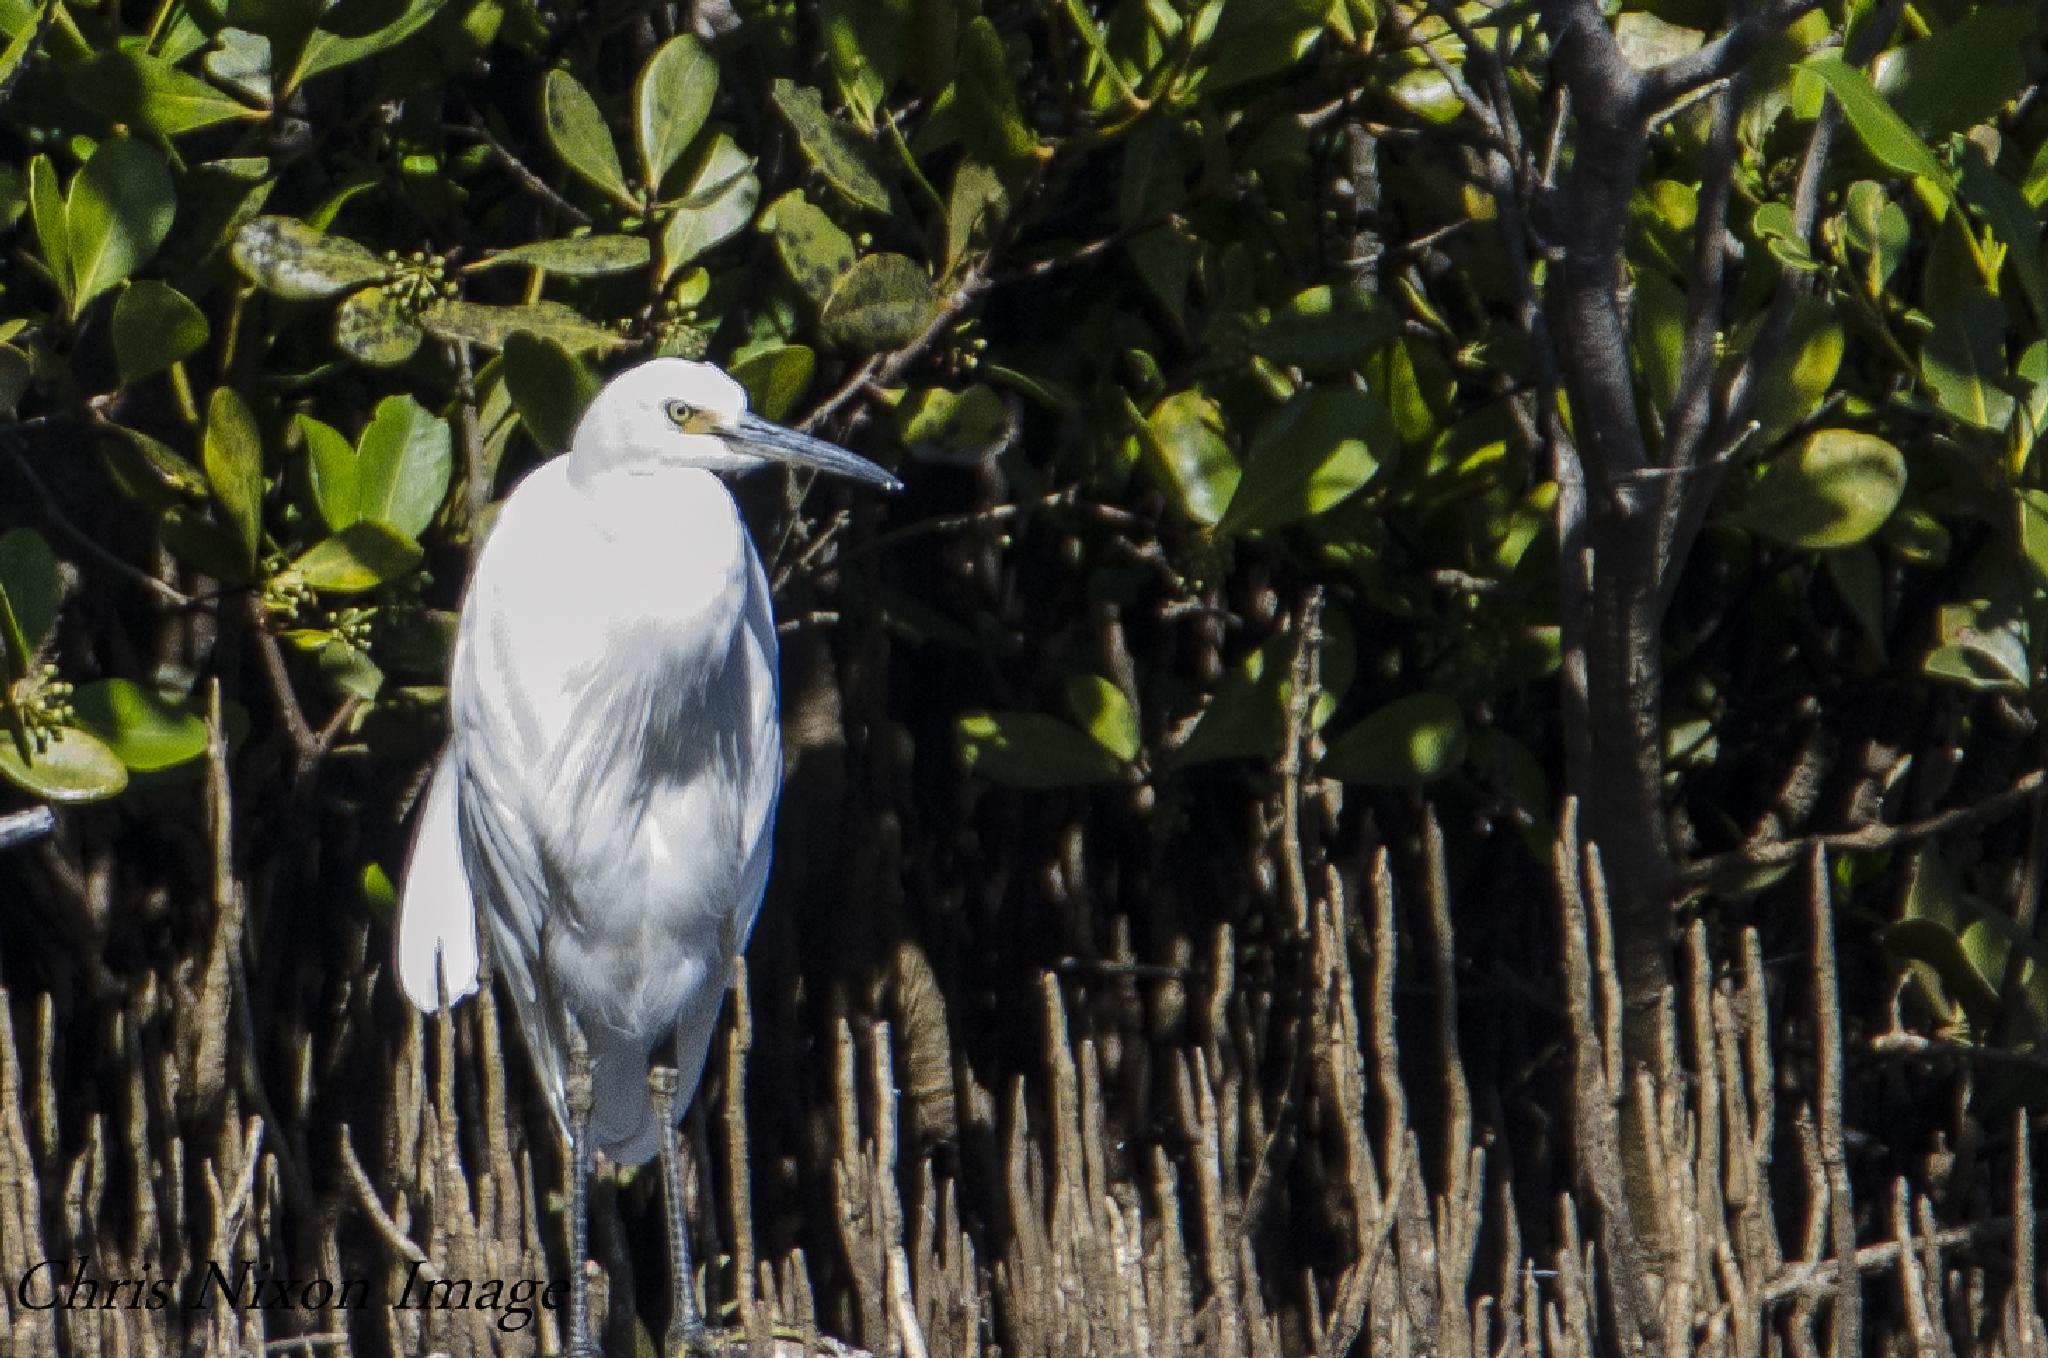 Egret by chrisgnixon